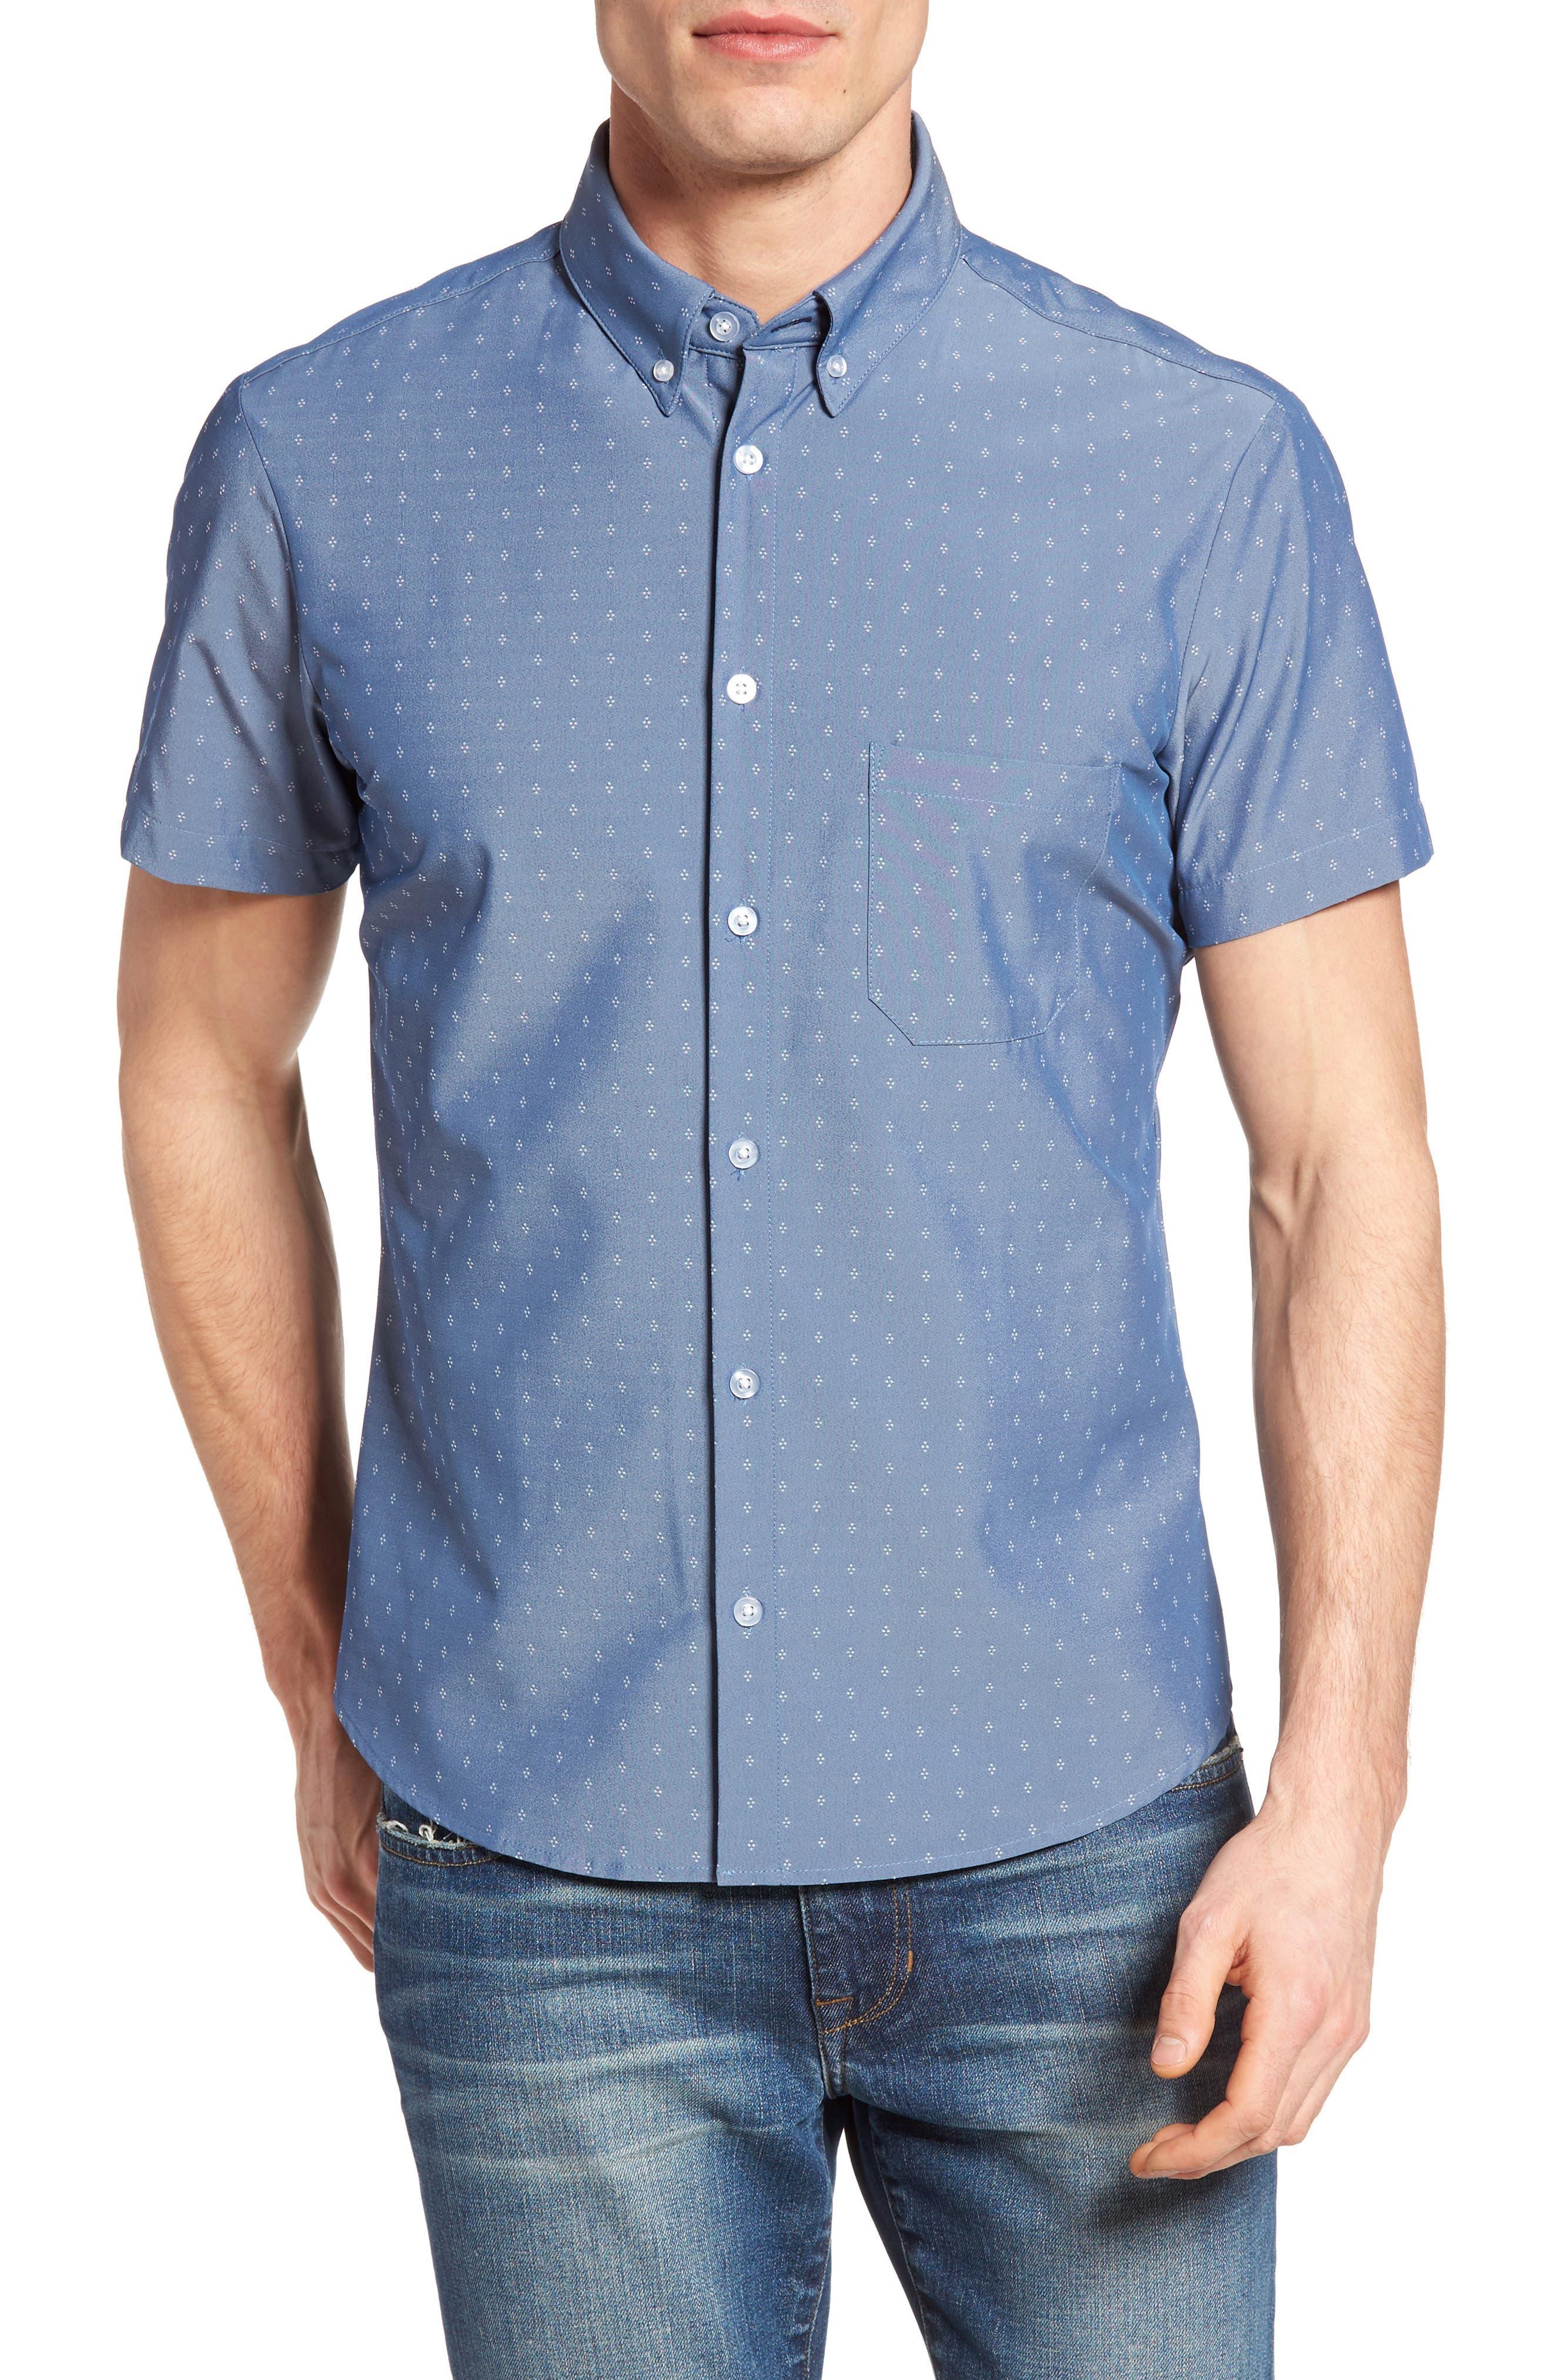 Kingston Poseidon Slim Fit Print Performance Sport Shirt,                             Main thumbnail 1, color,                             400